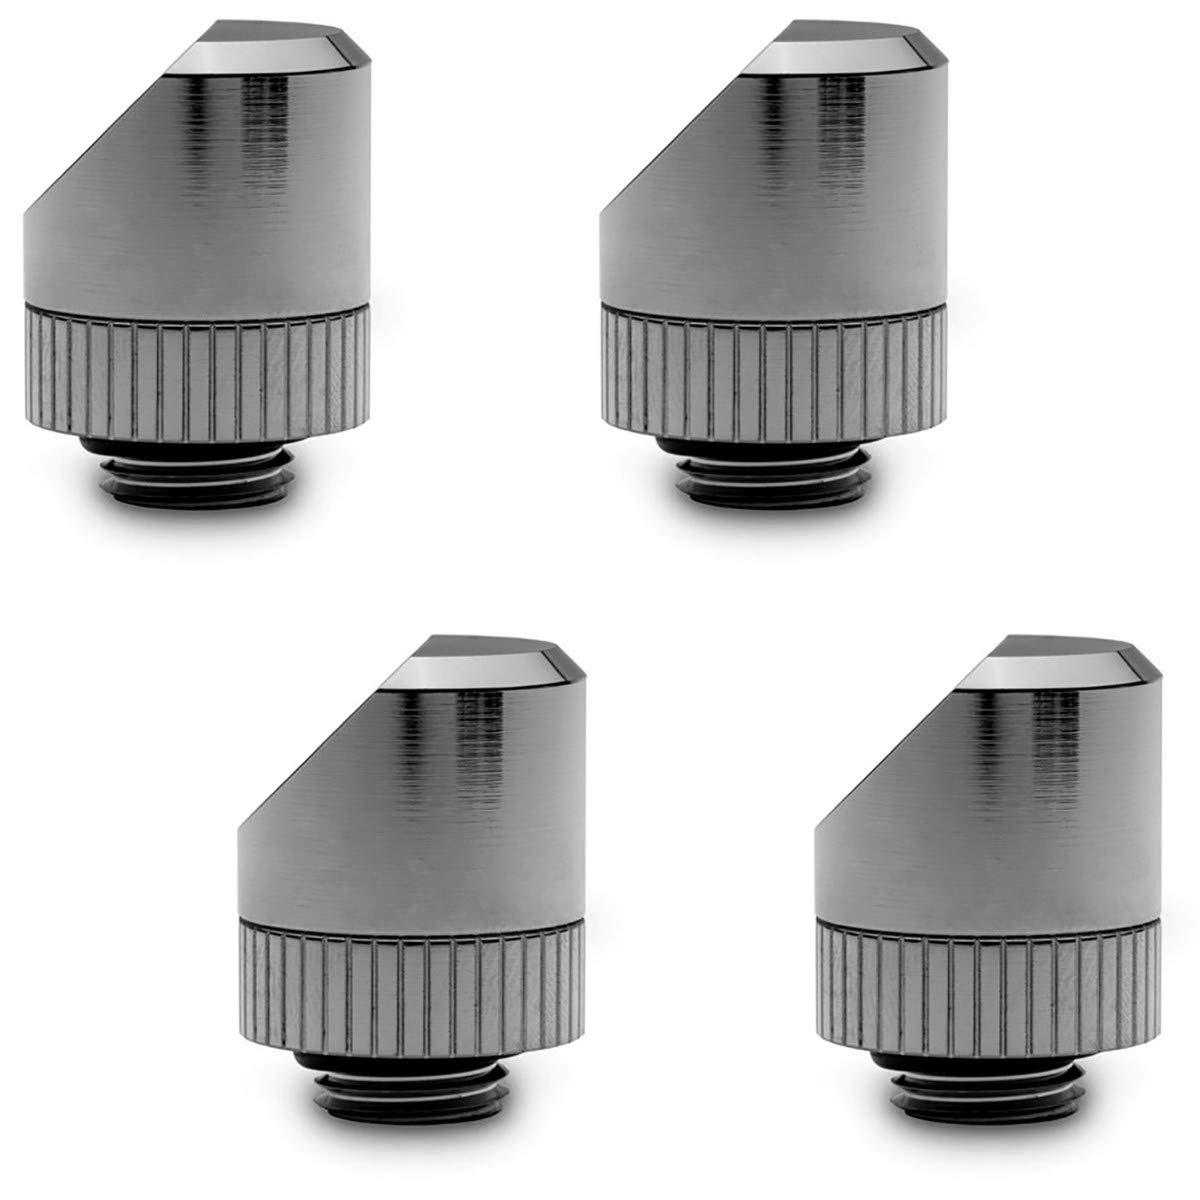 EKWB EK-Torque 45° Angled Fitting, Black Nickel, 4-Pack